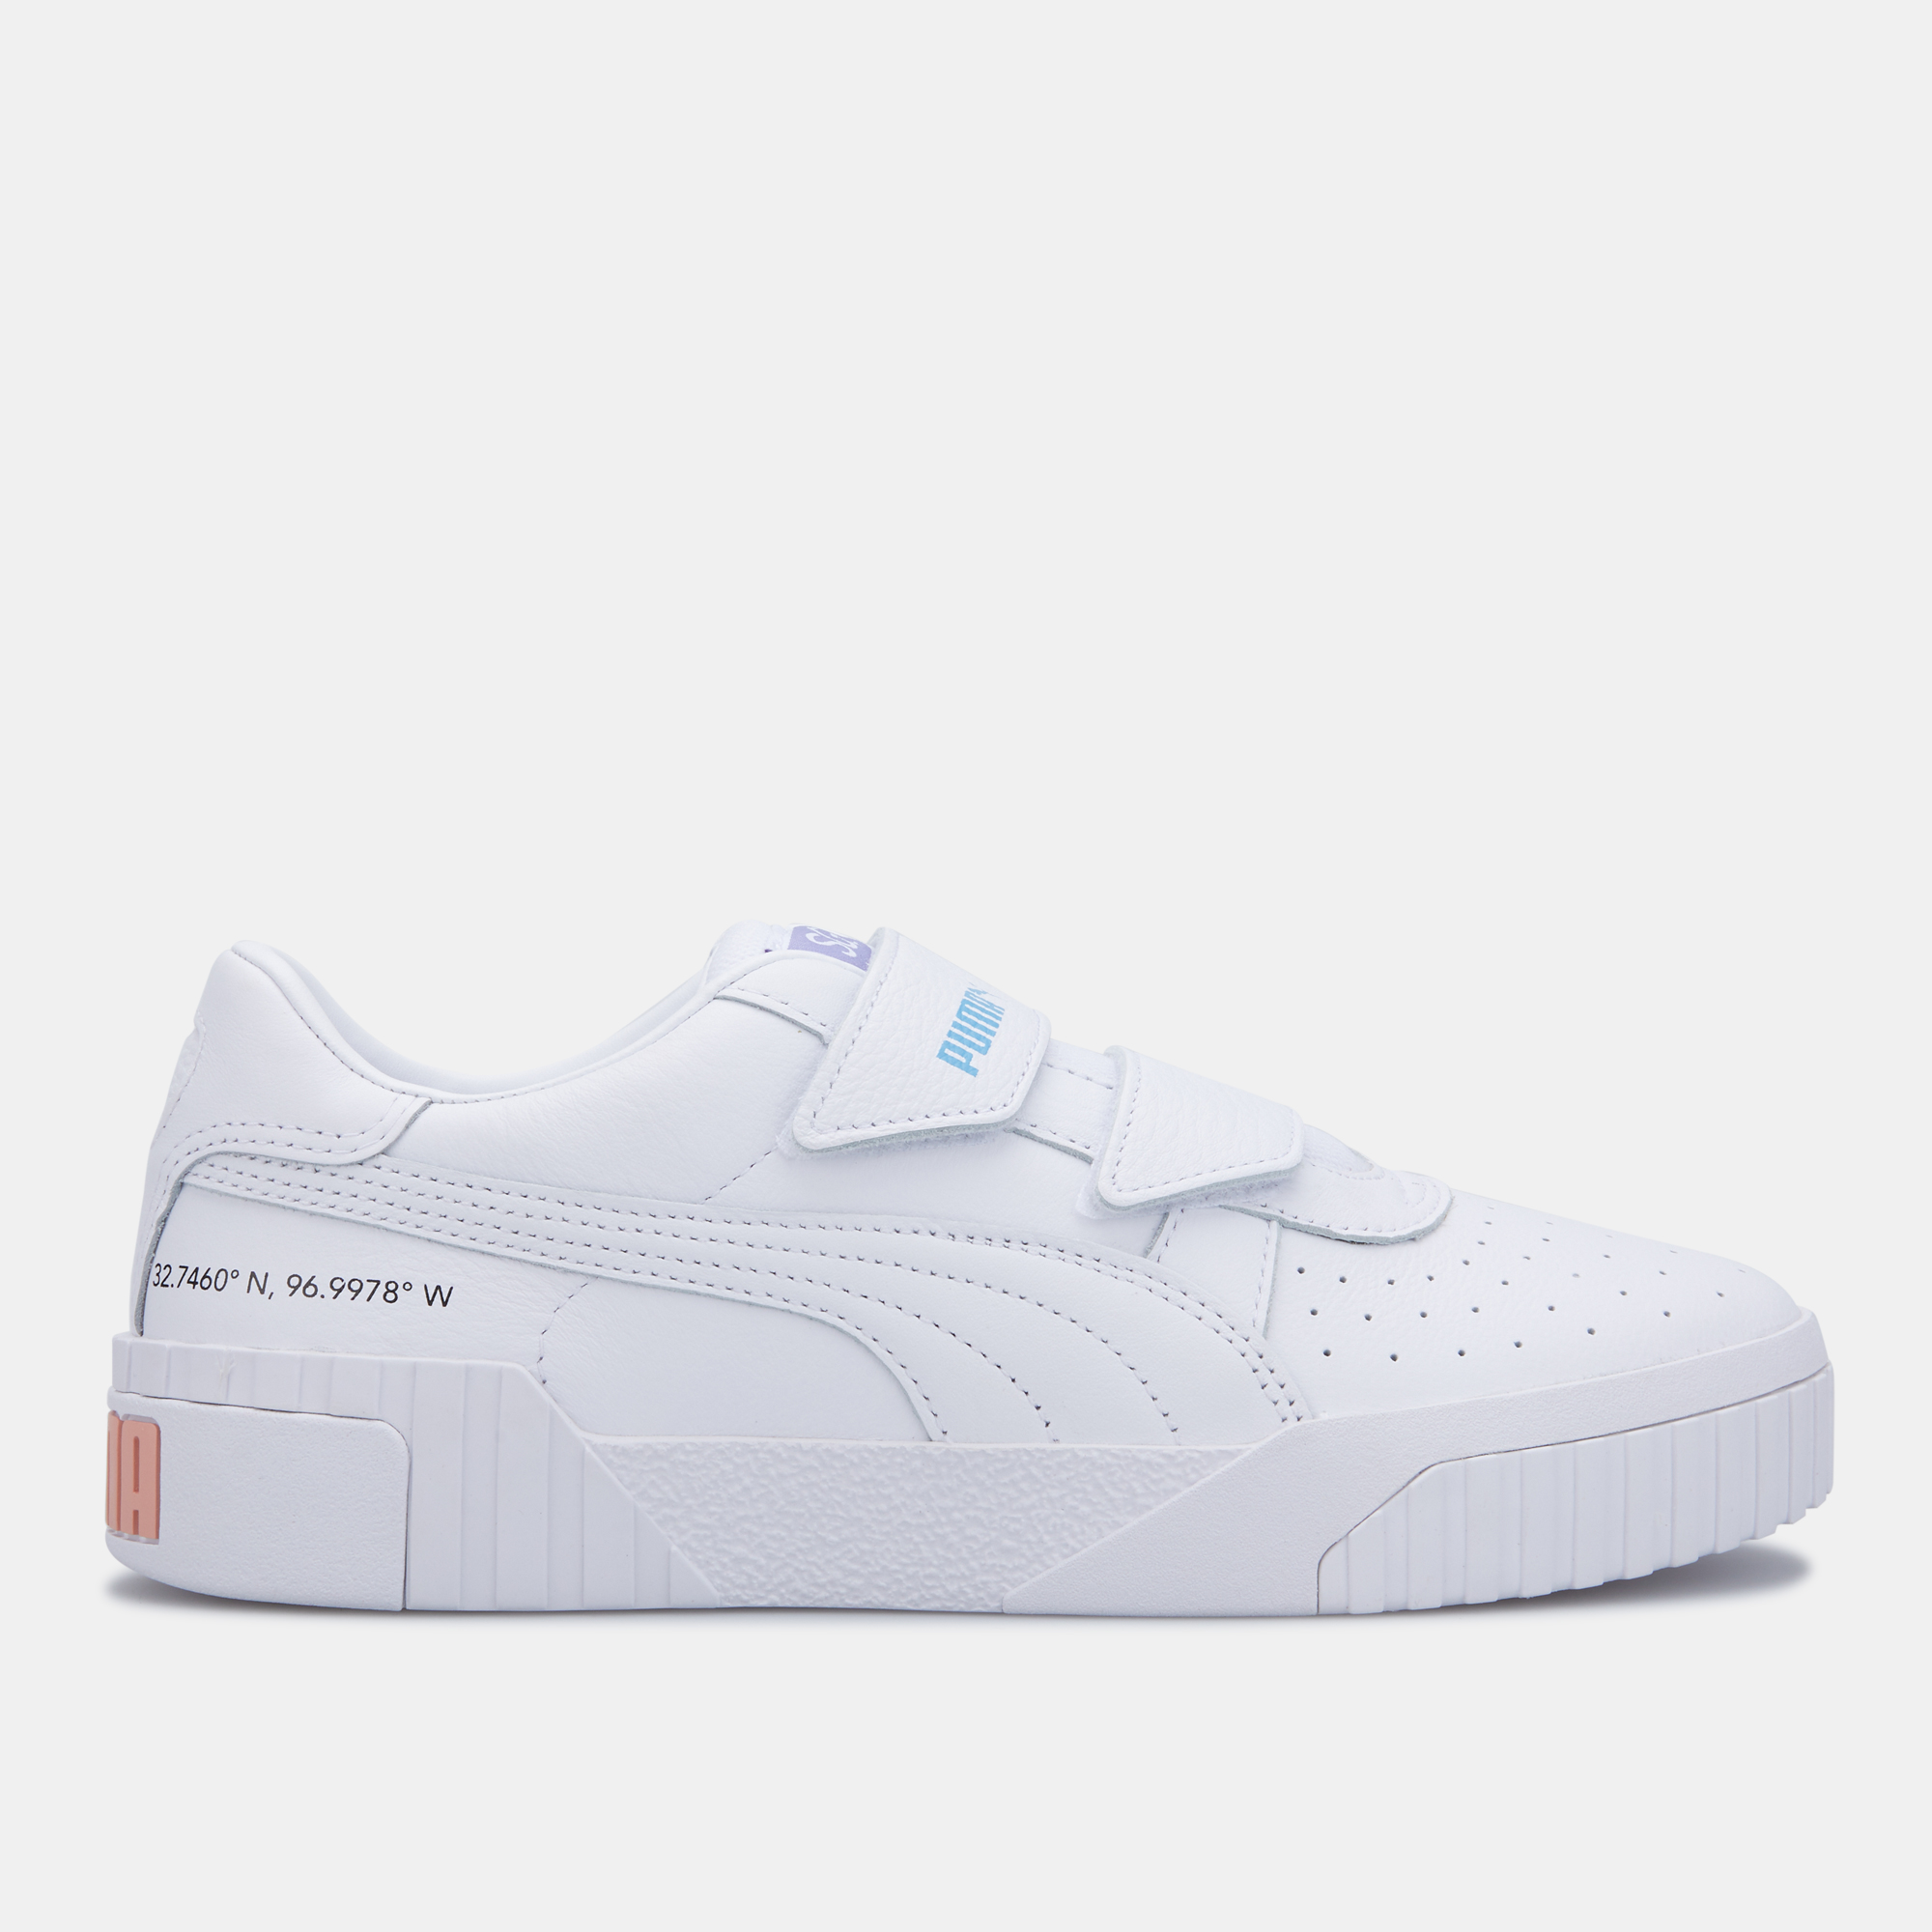 PUMA x SG Women's Cali Velcro Shoe | Sneakers | Shoes ...